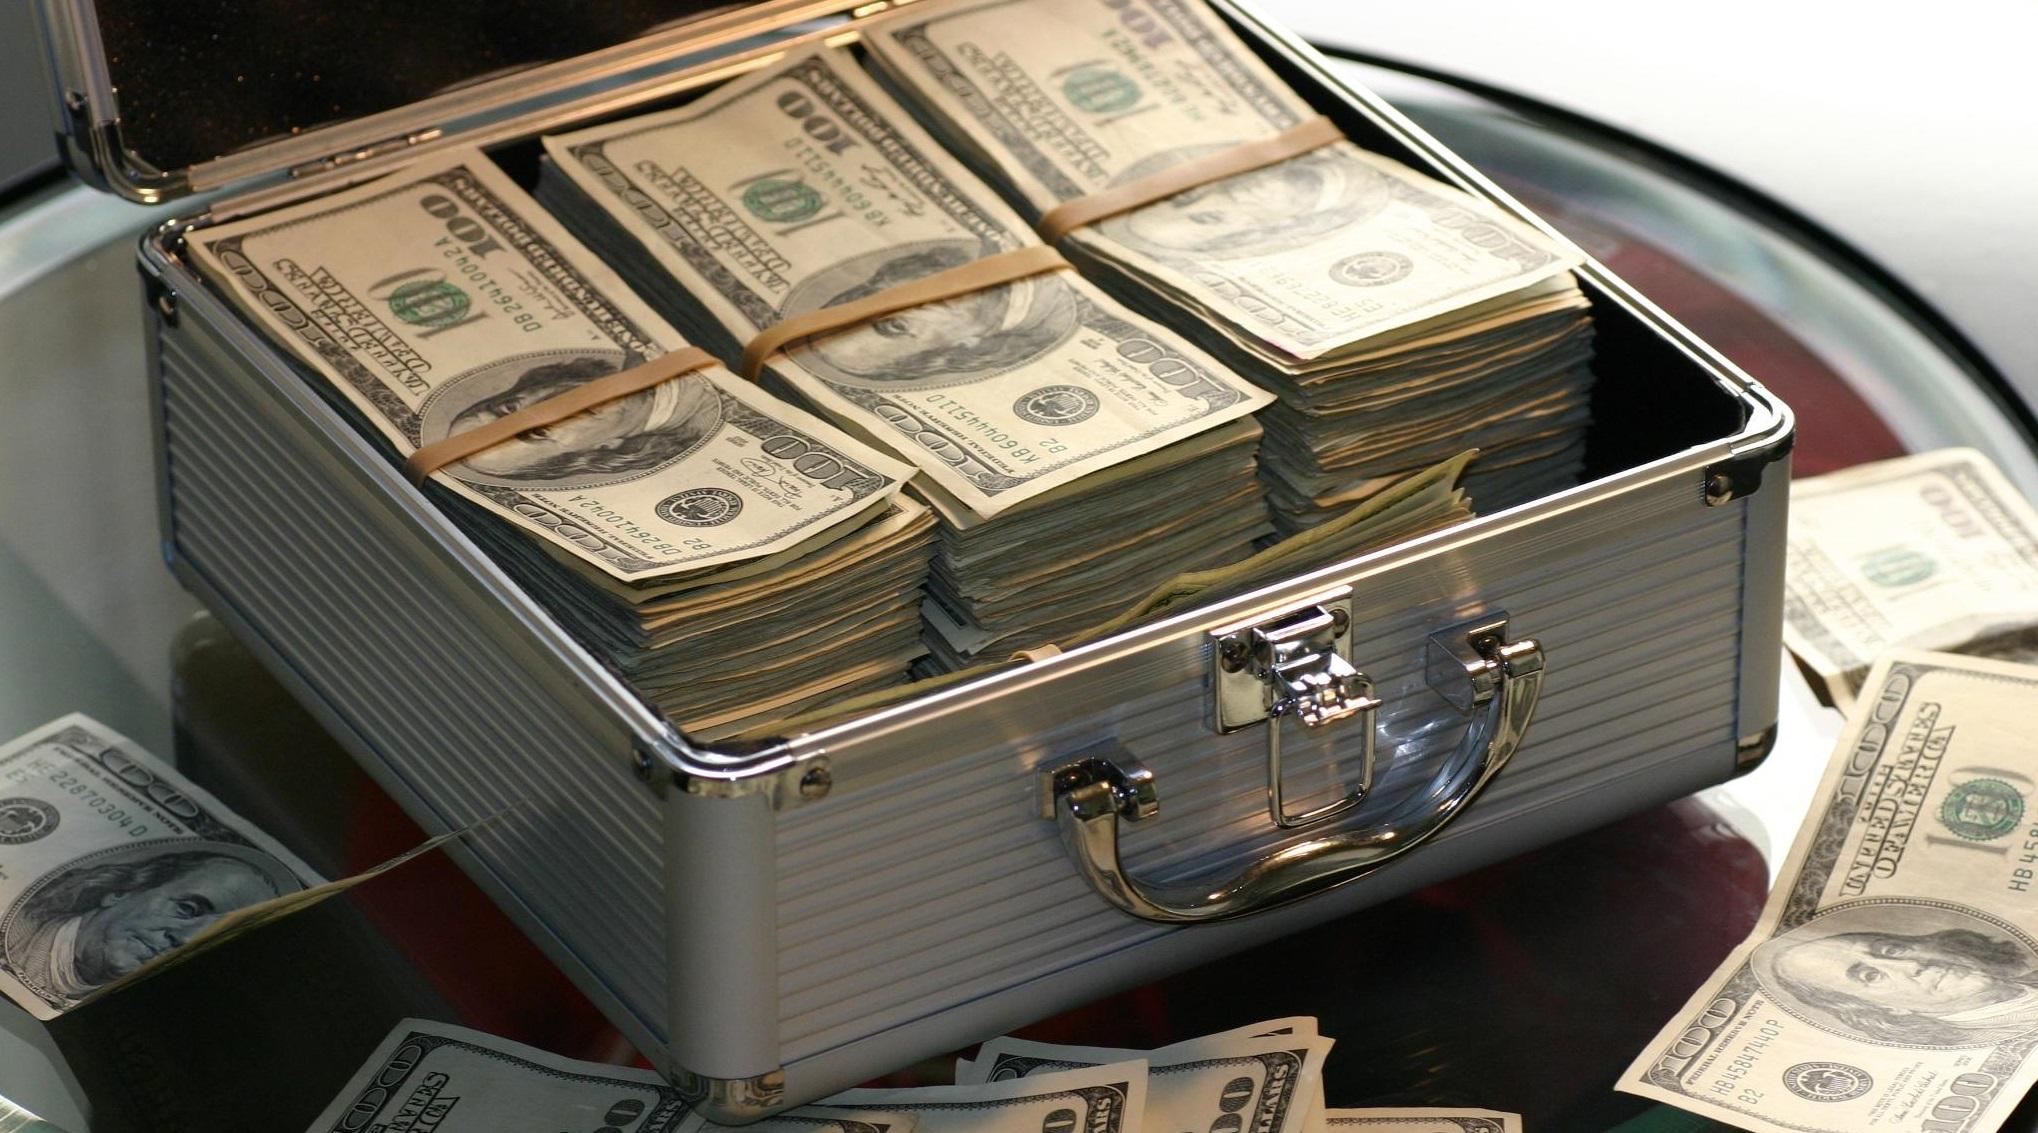 Un american a câștigat 1 miliard de dolari la loterie. Din 320 de milioane de combinații, a lui a fost cea corectă